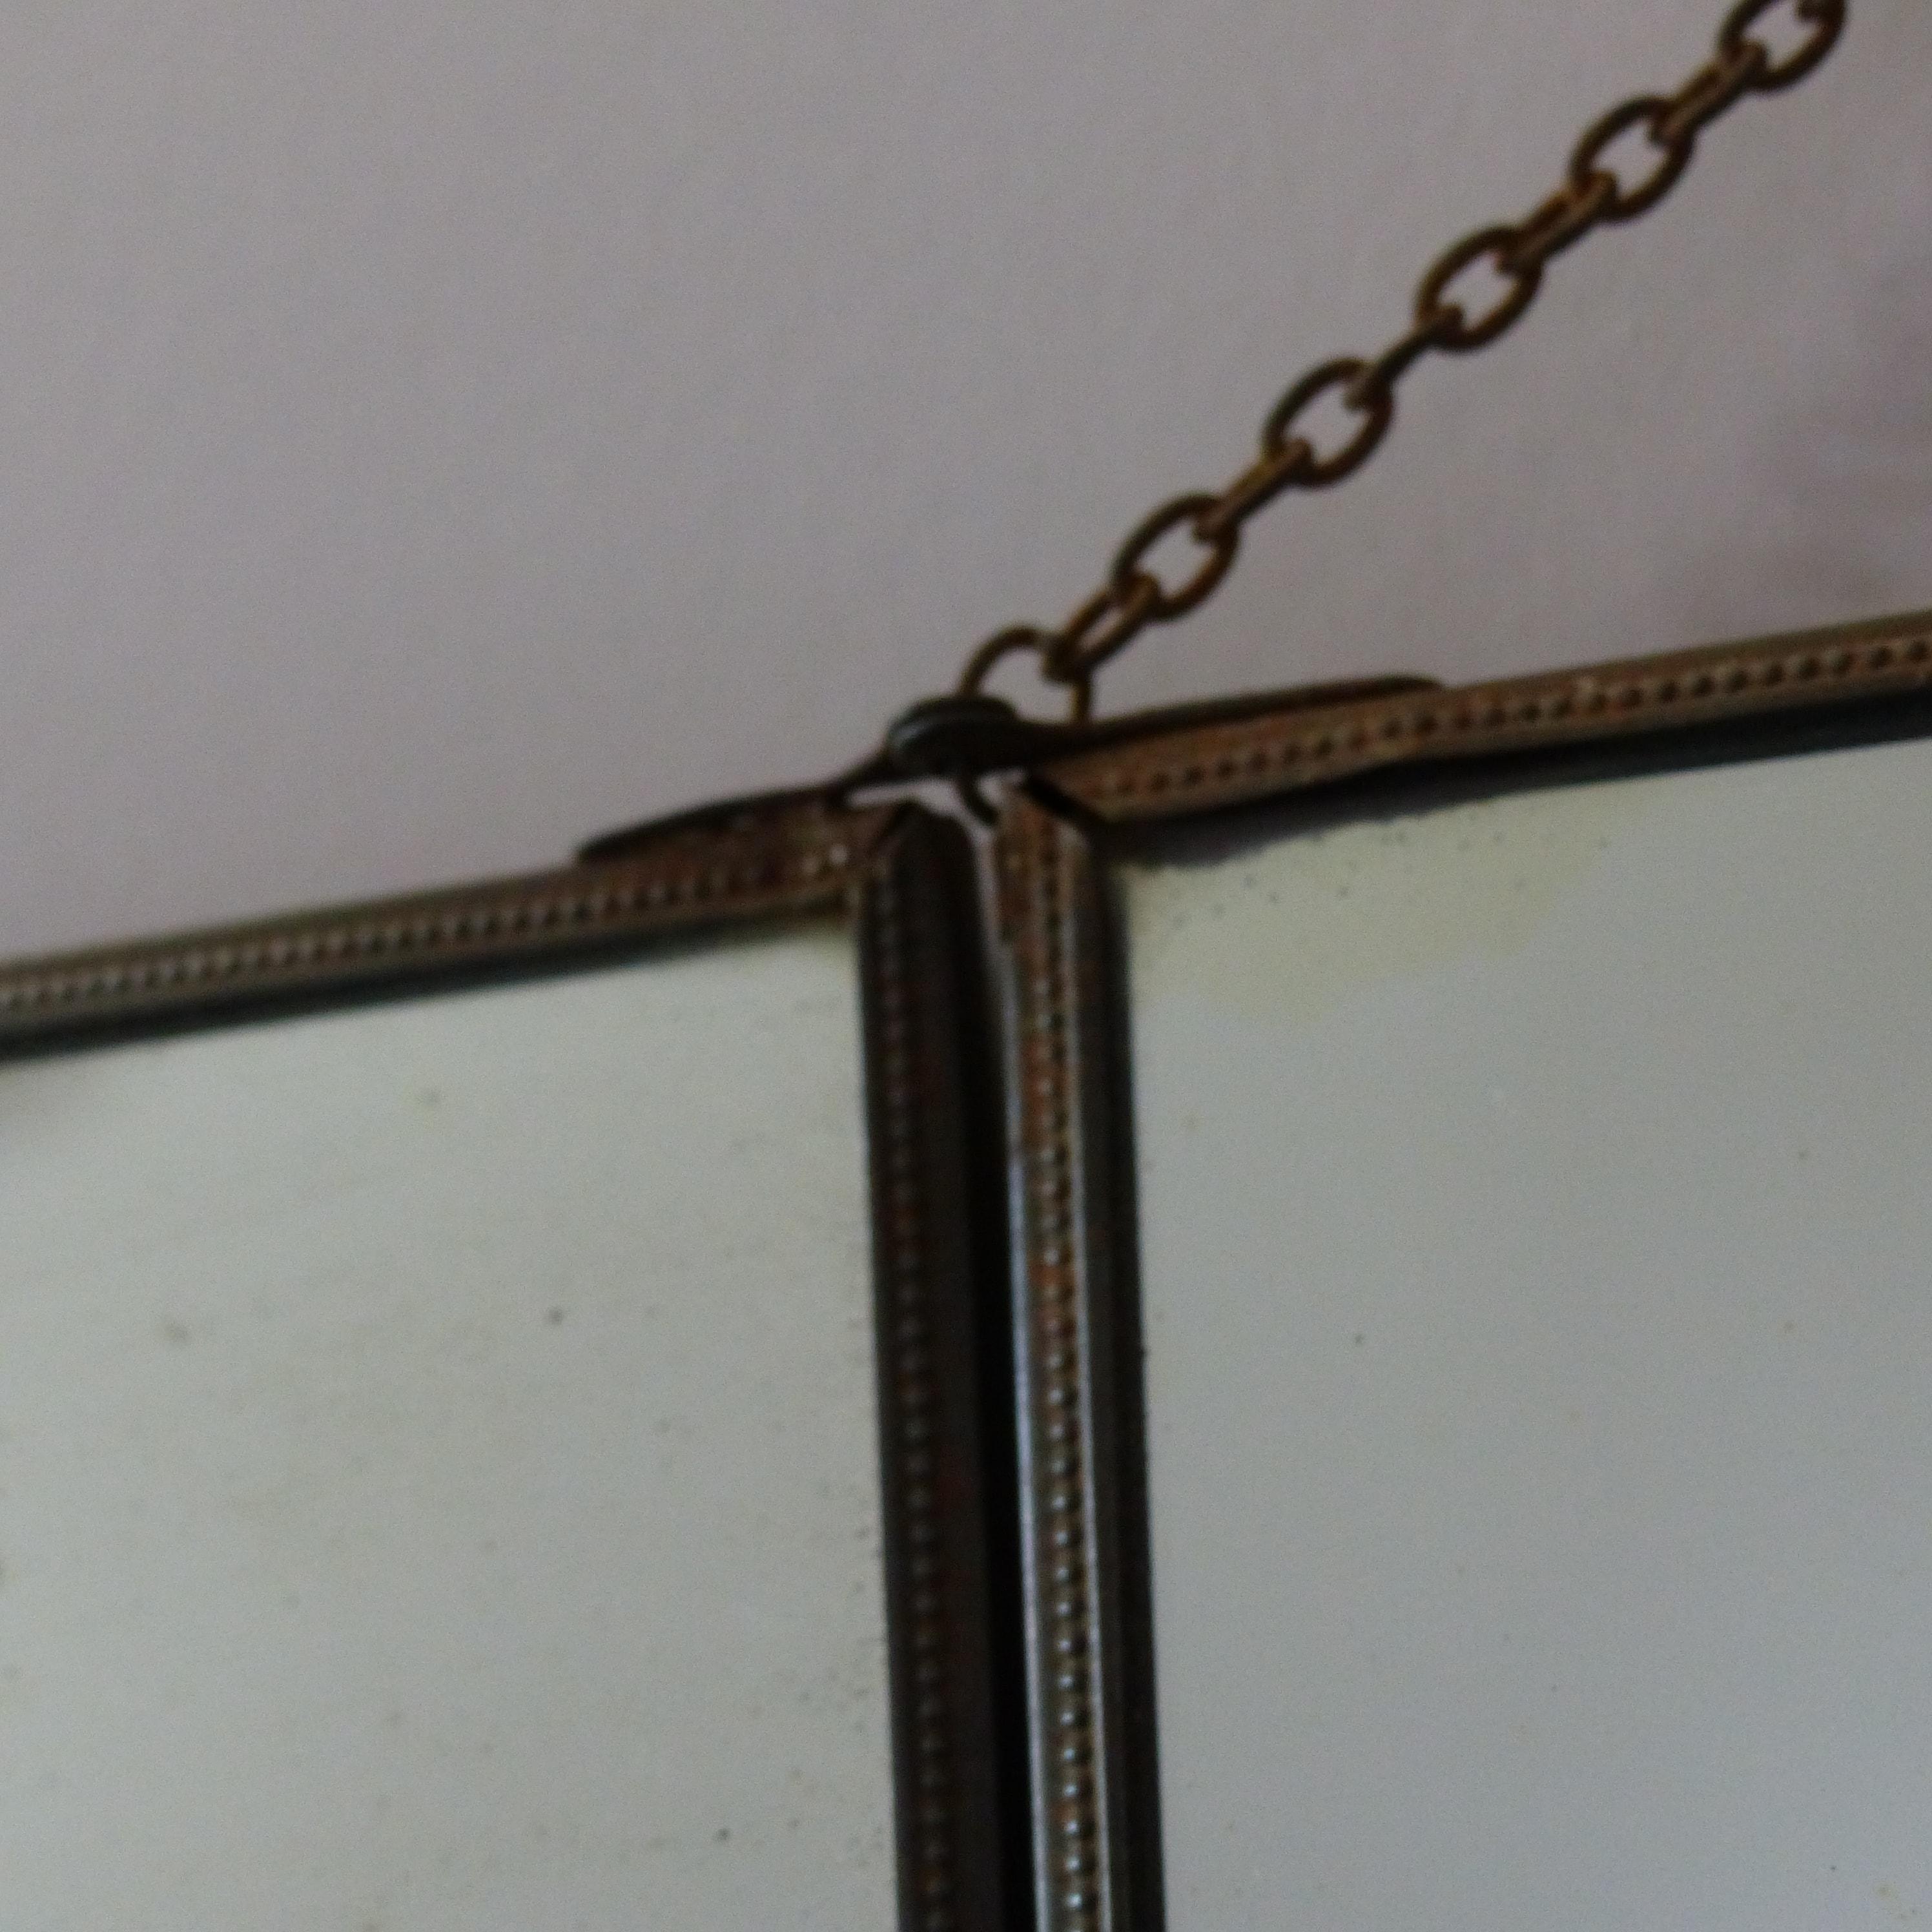 Miroir triptyque de barbier elegant grand miroir for Miroir triptyque barbier